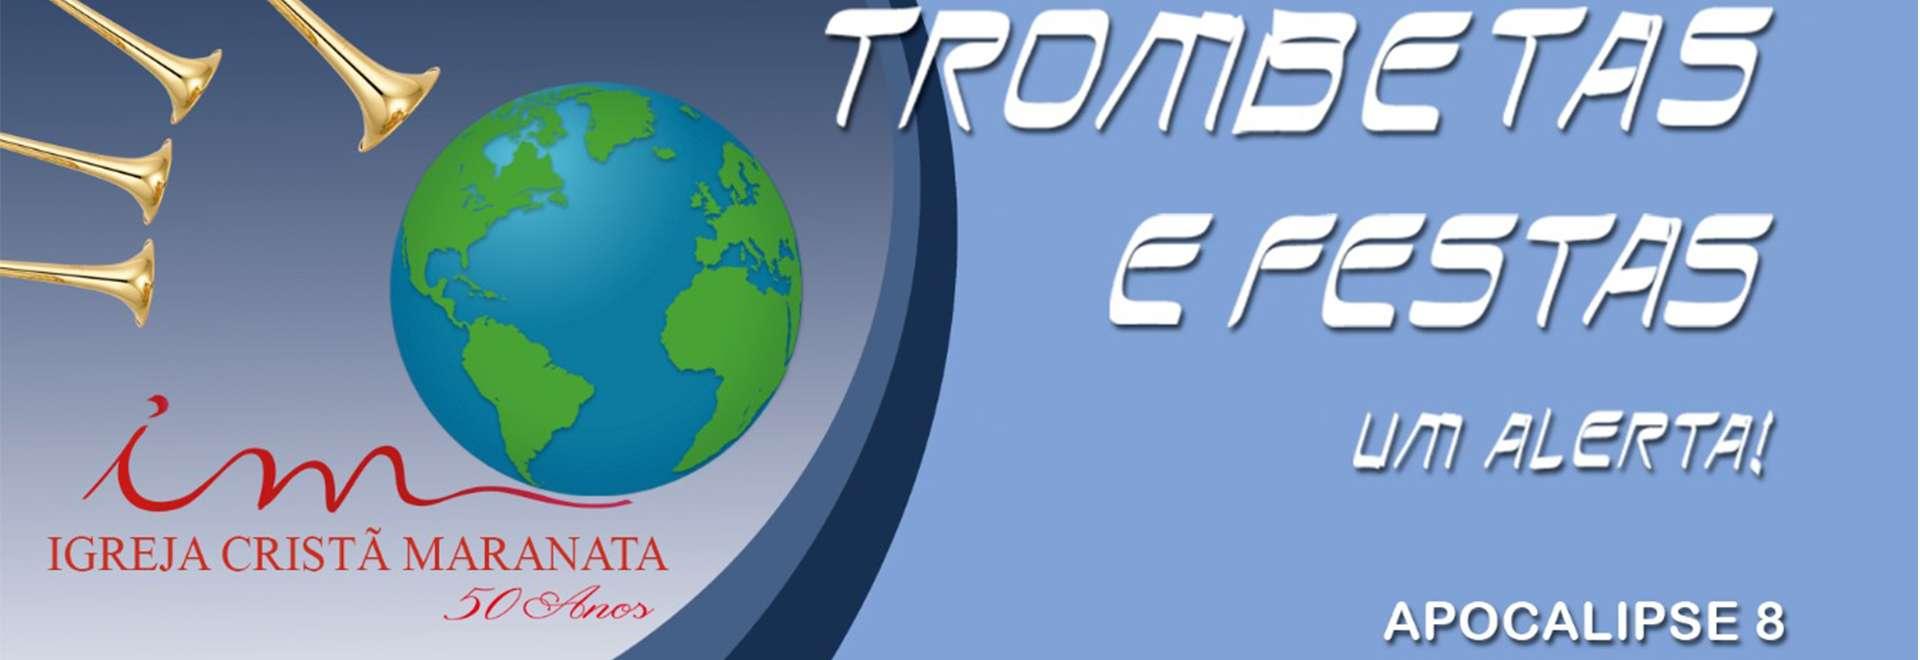 Evento Trombetas e Festas: convites em dez idiomas